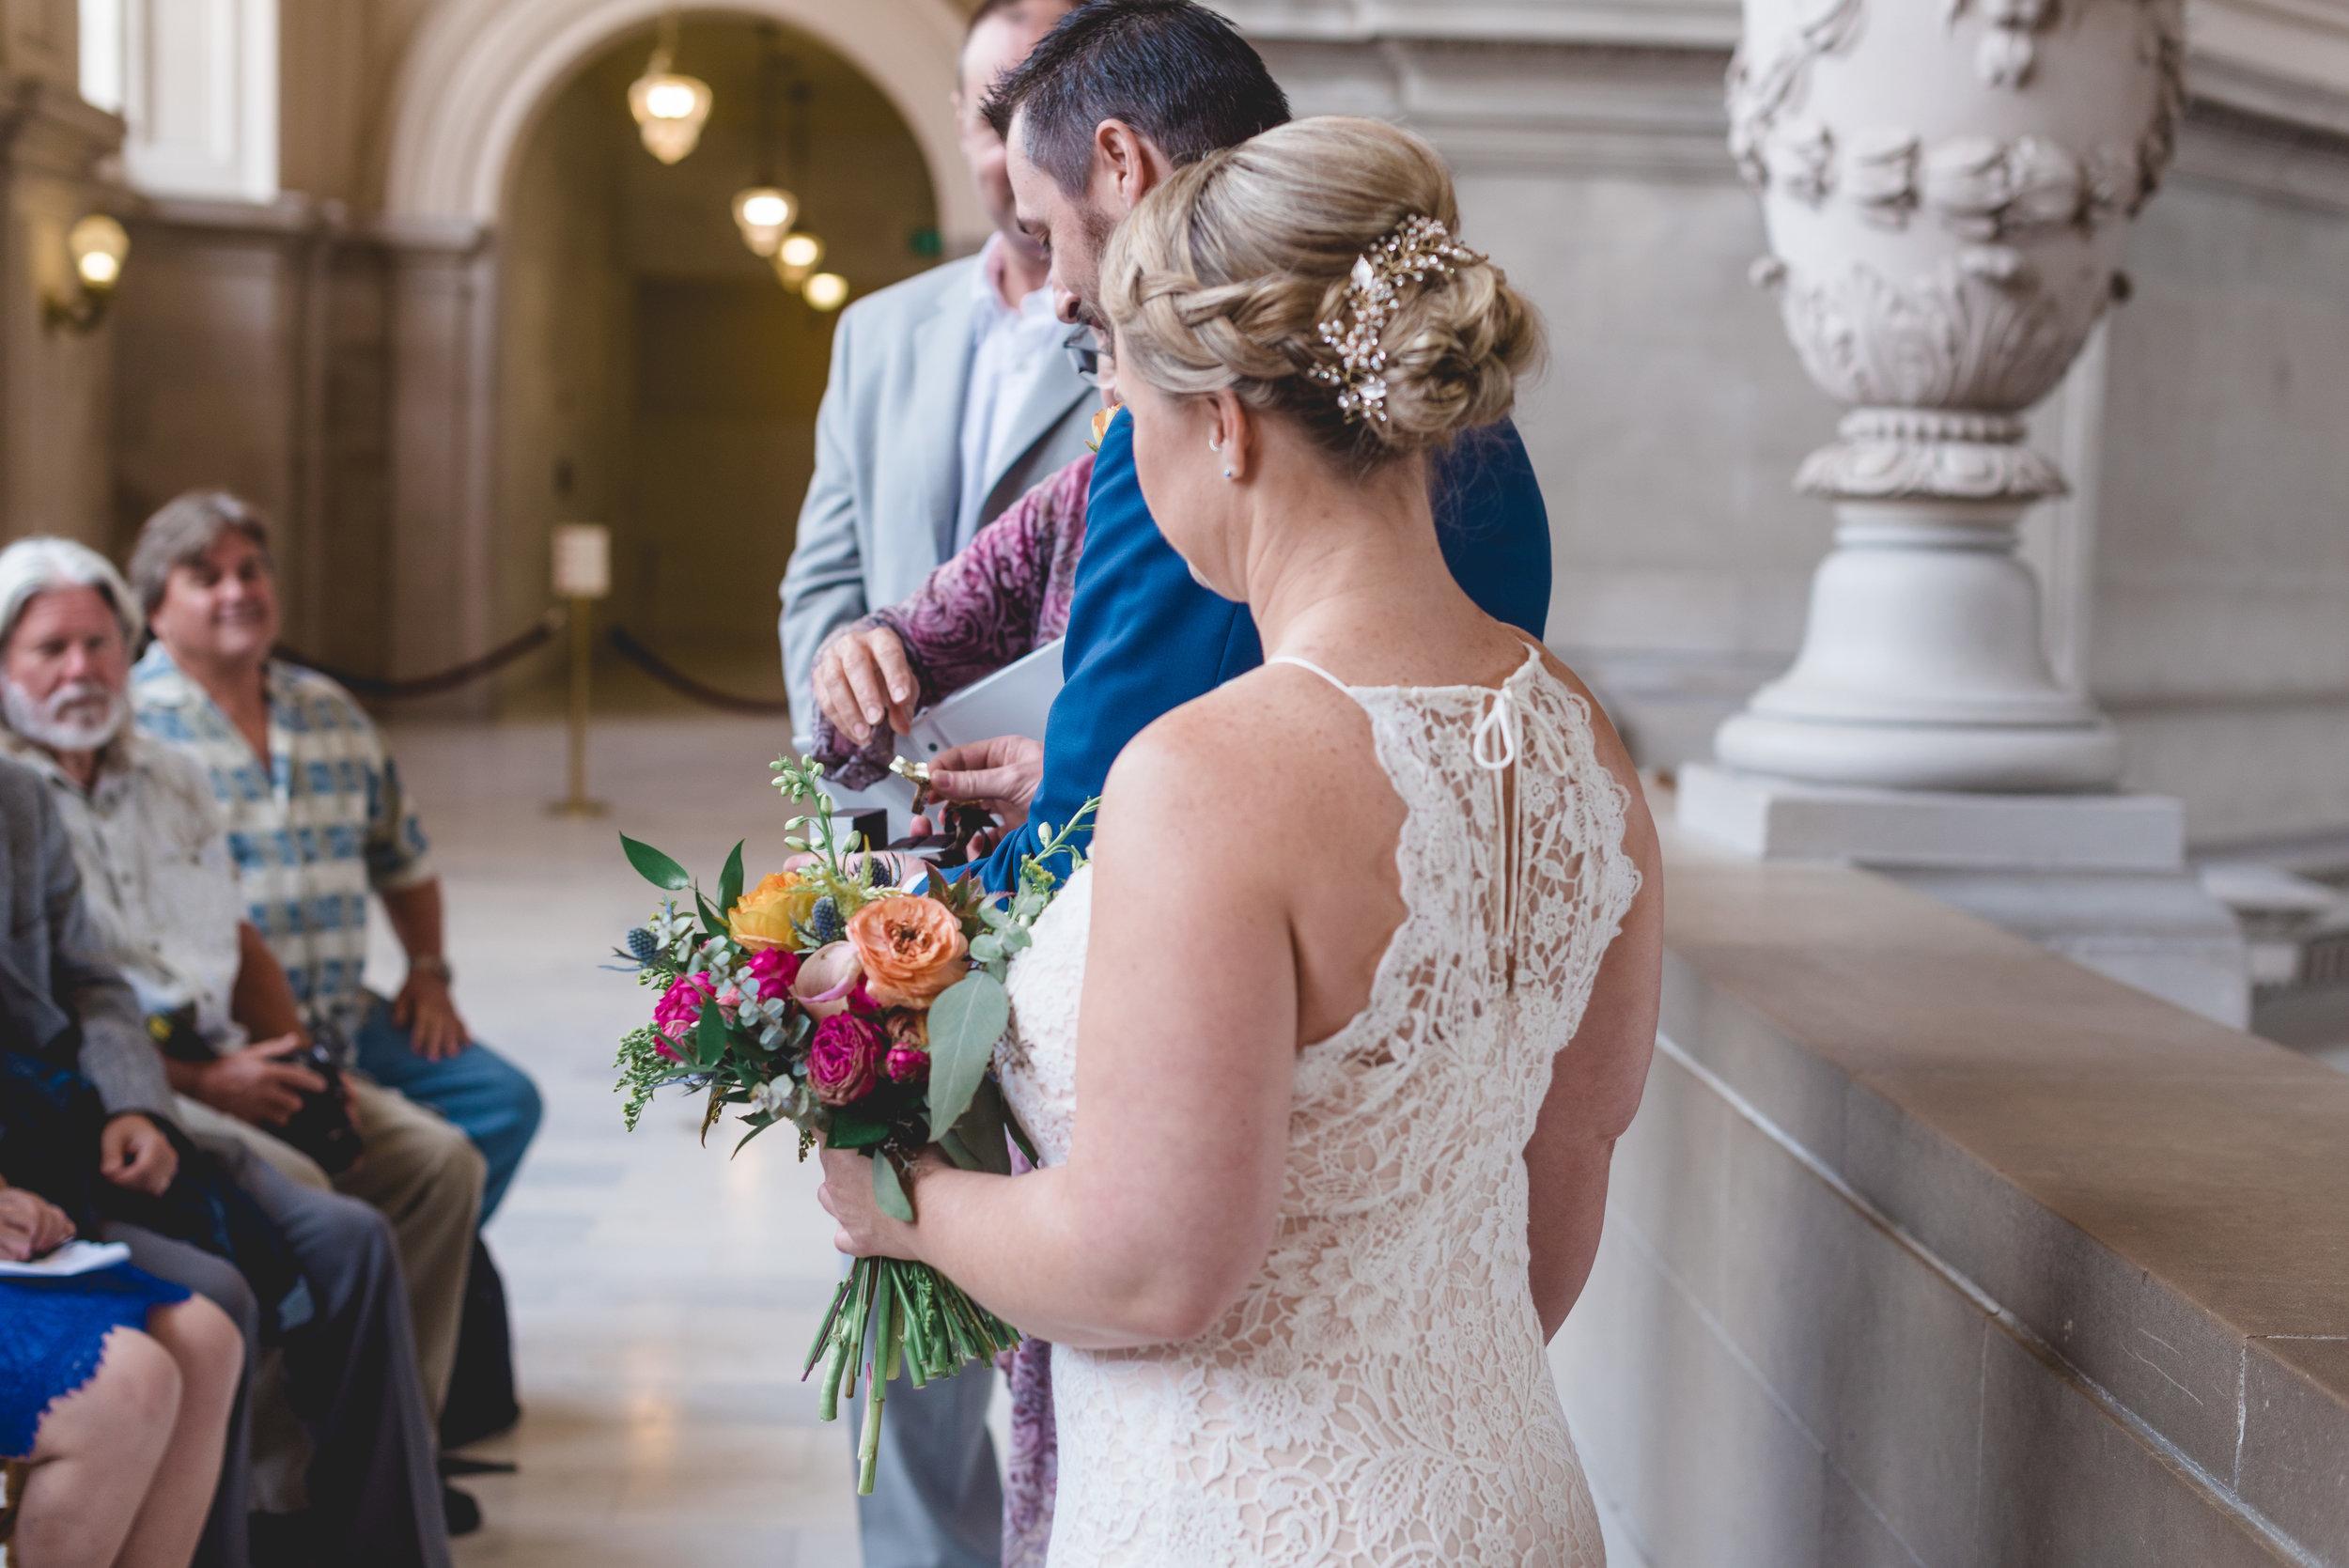 mcdaniels_conroy-wedding-ceremony-58.jpg